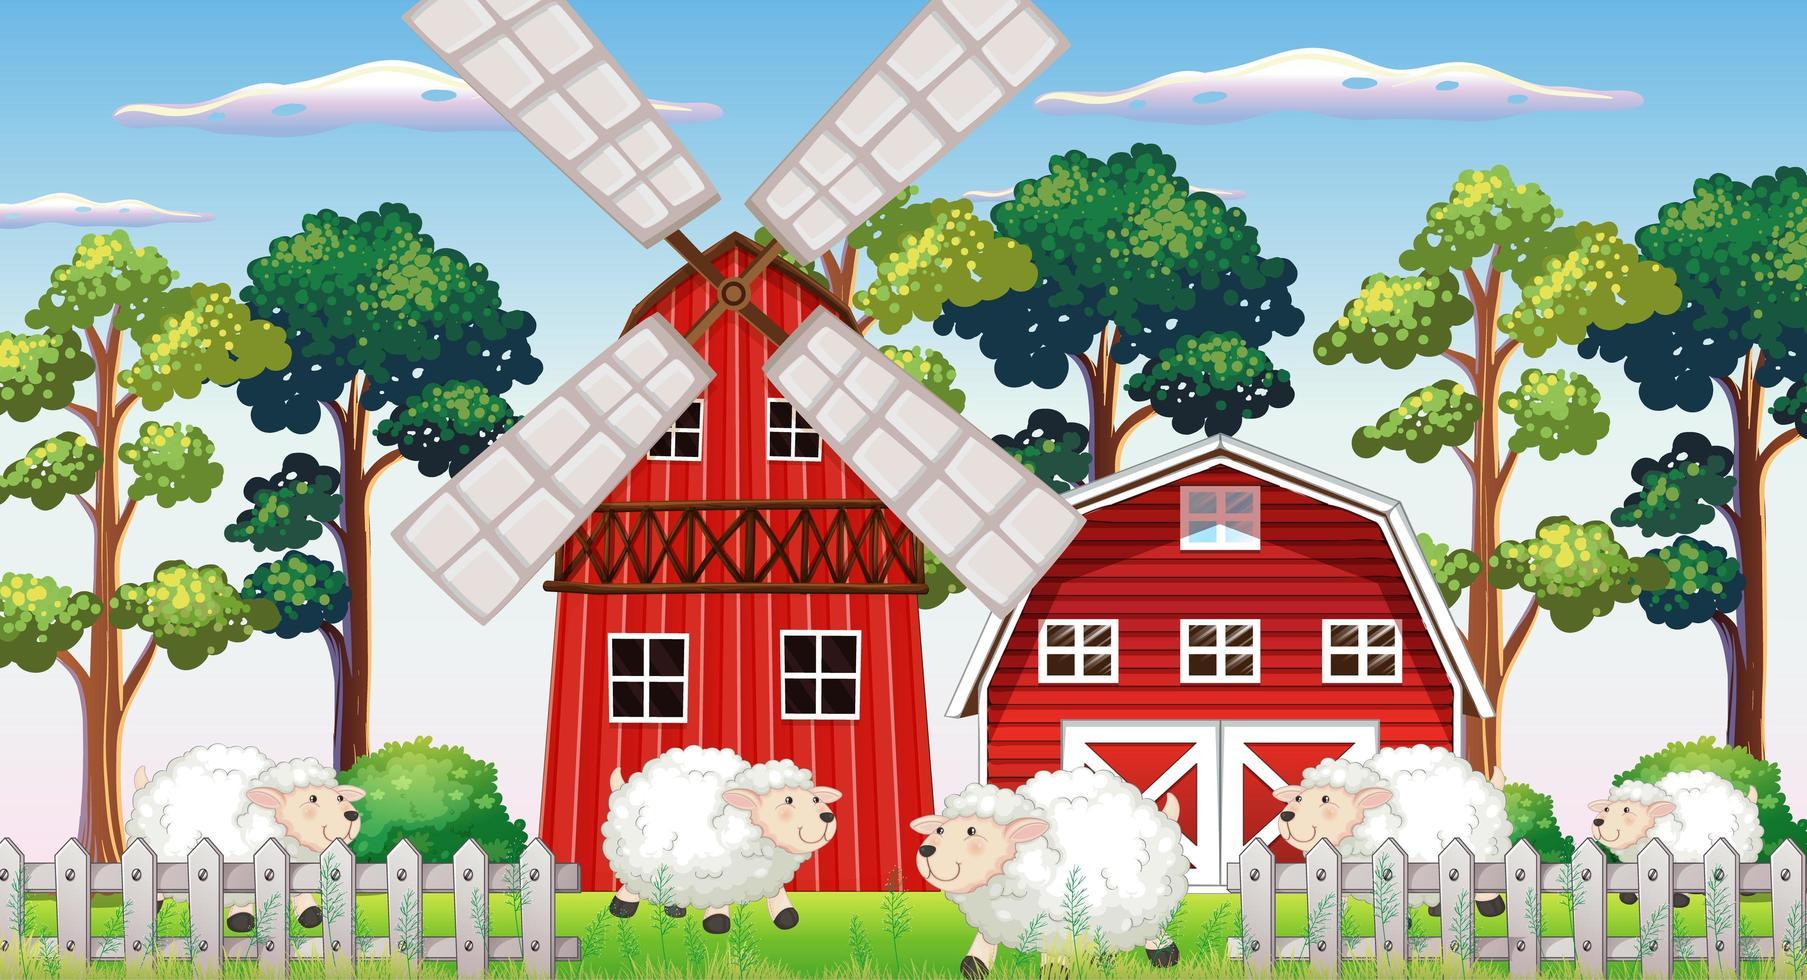 Bauernhofszene in der Natur mit Scheune vektor